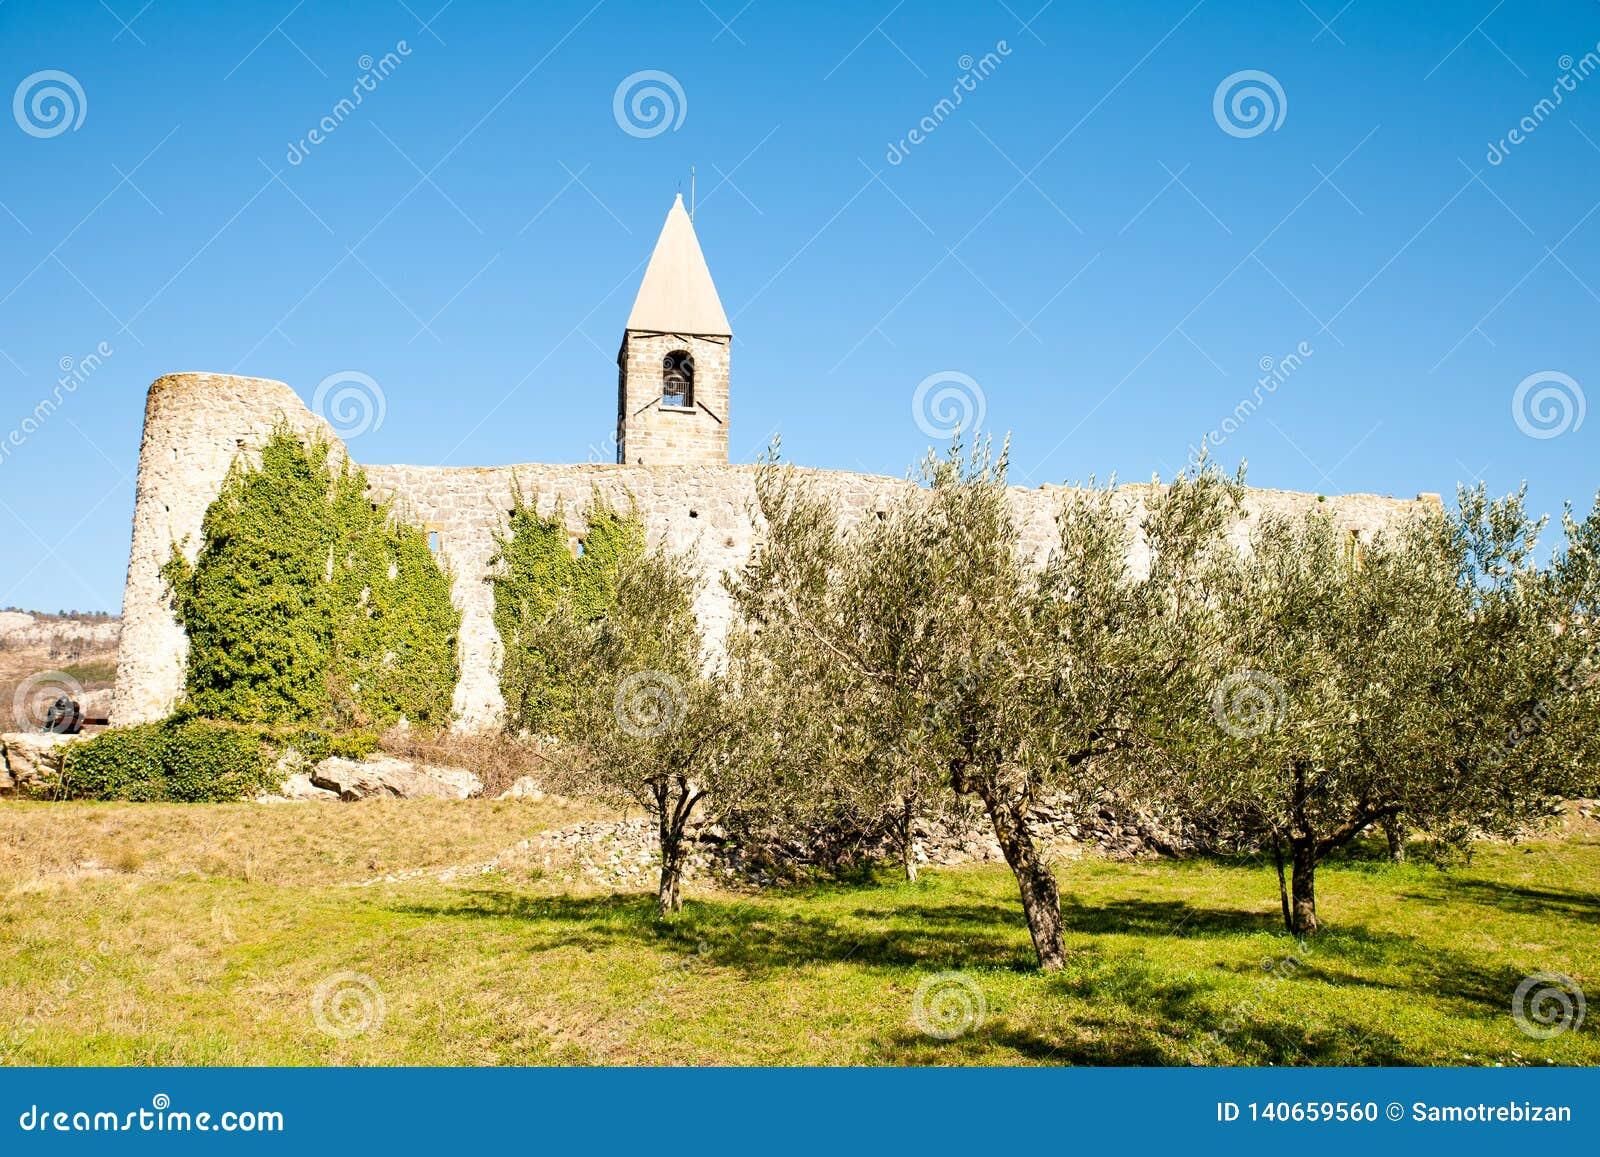 Chiesa di trinit? santa e fortezza medievale nella scanalatura verde oliva in Hrastovlje Slovenia Europa centrale